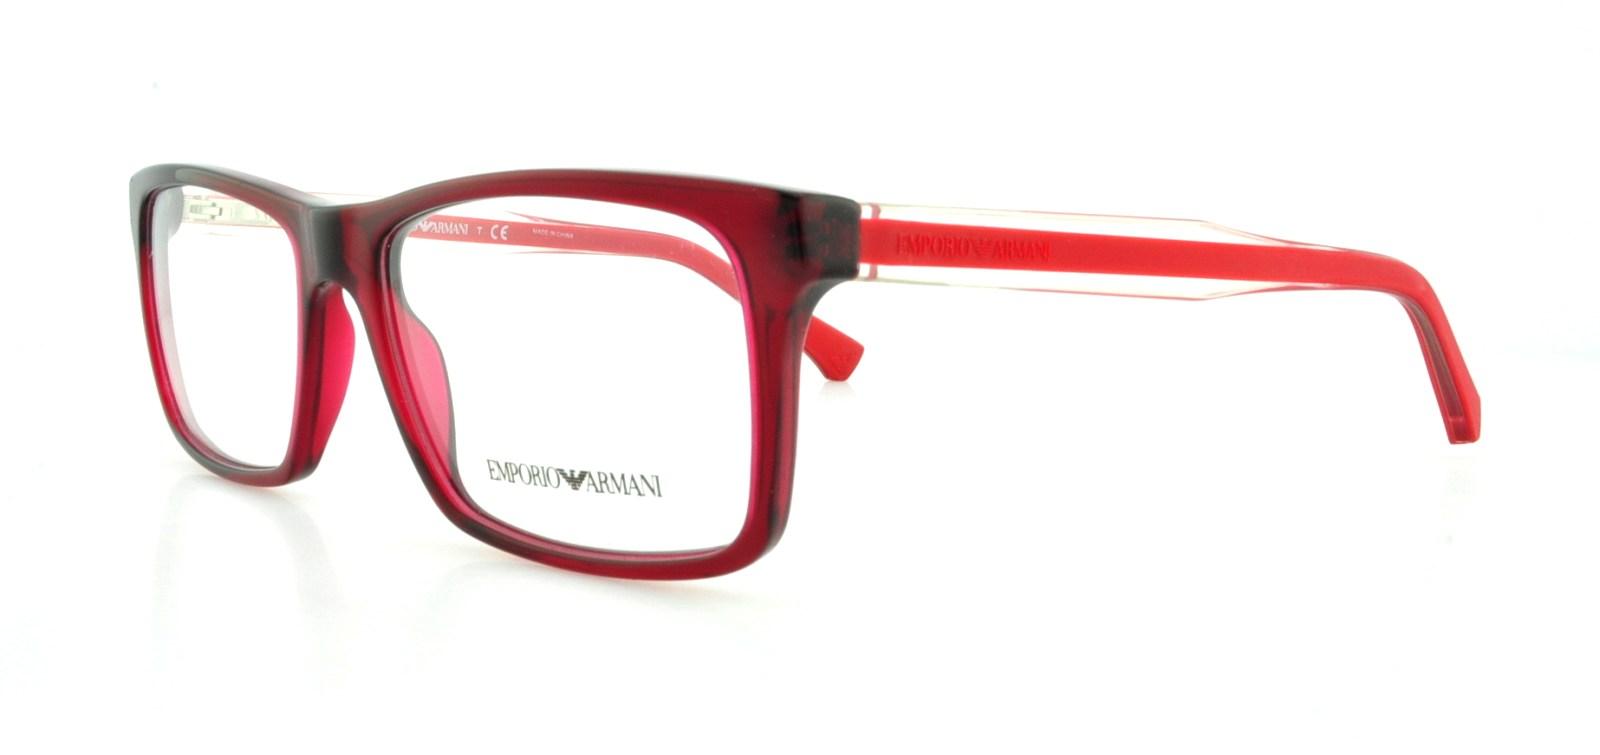 47ca51289a2 Designer Frames Outlet. Emporio Armani EA3002